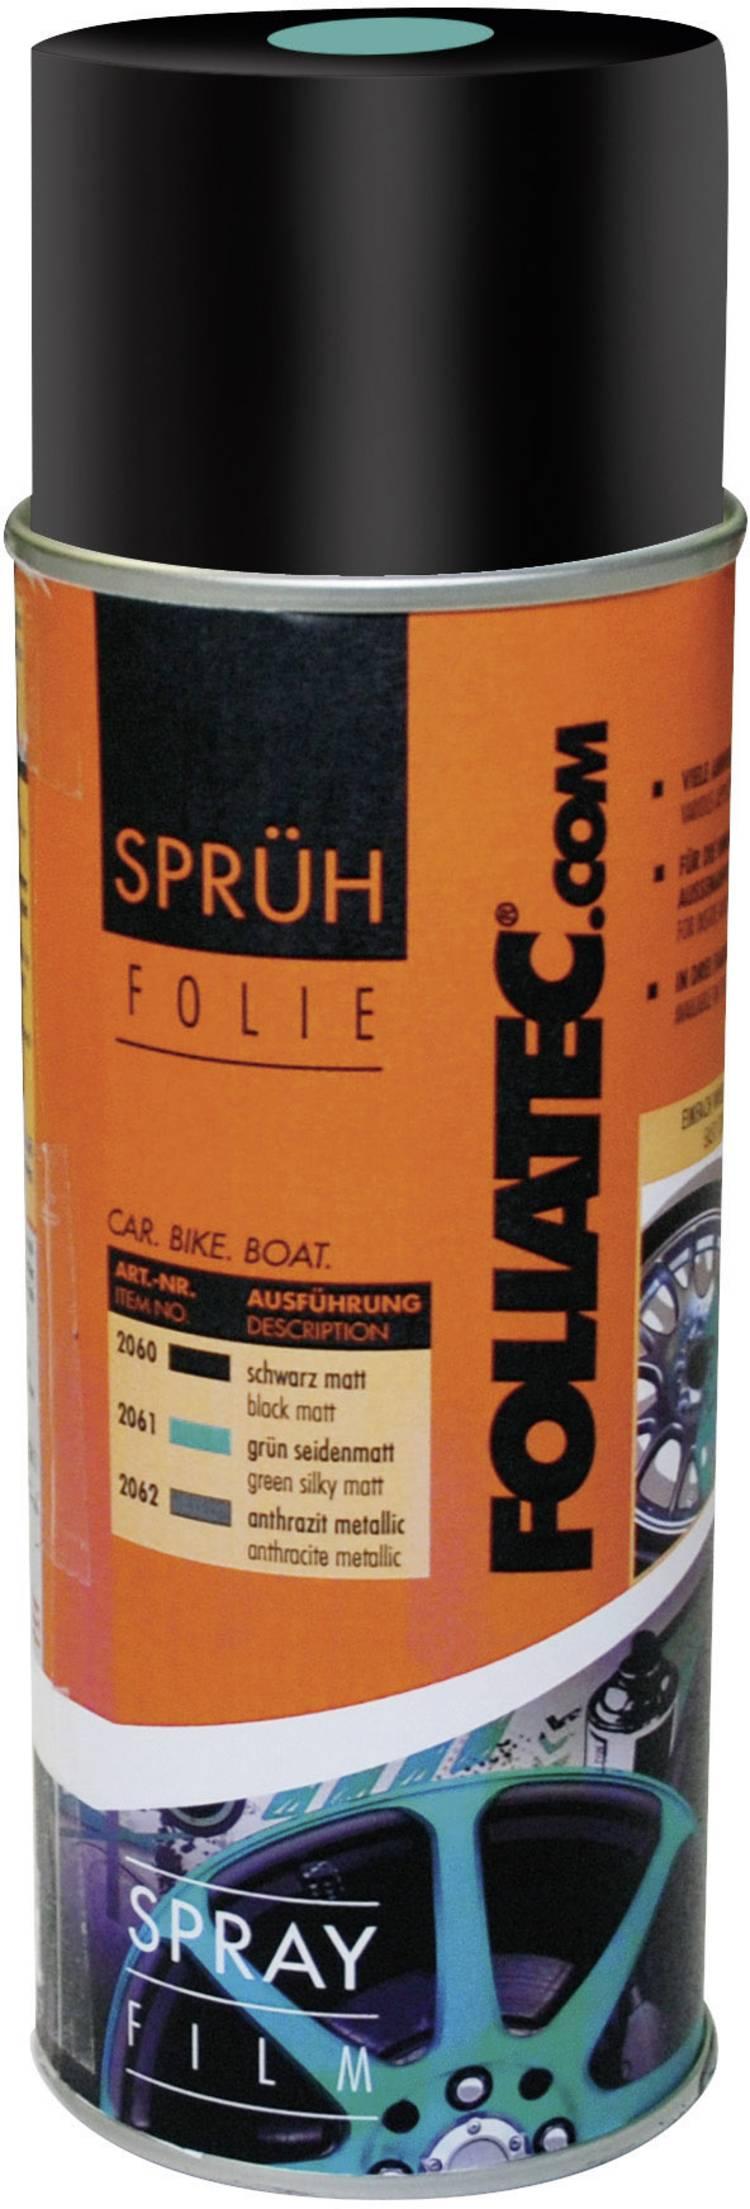 Image of Sprayfolie wit Foliatec 2069 Wit 400 ml